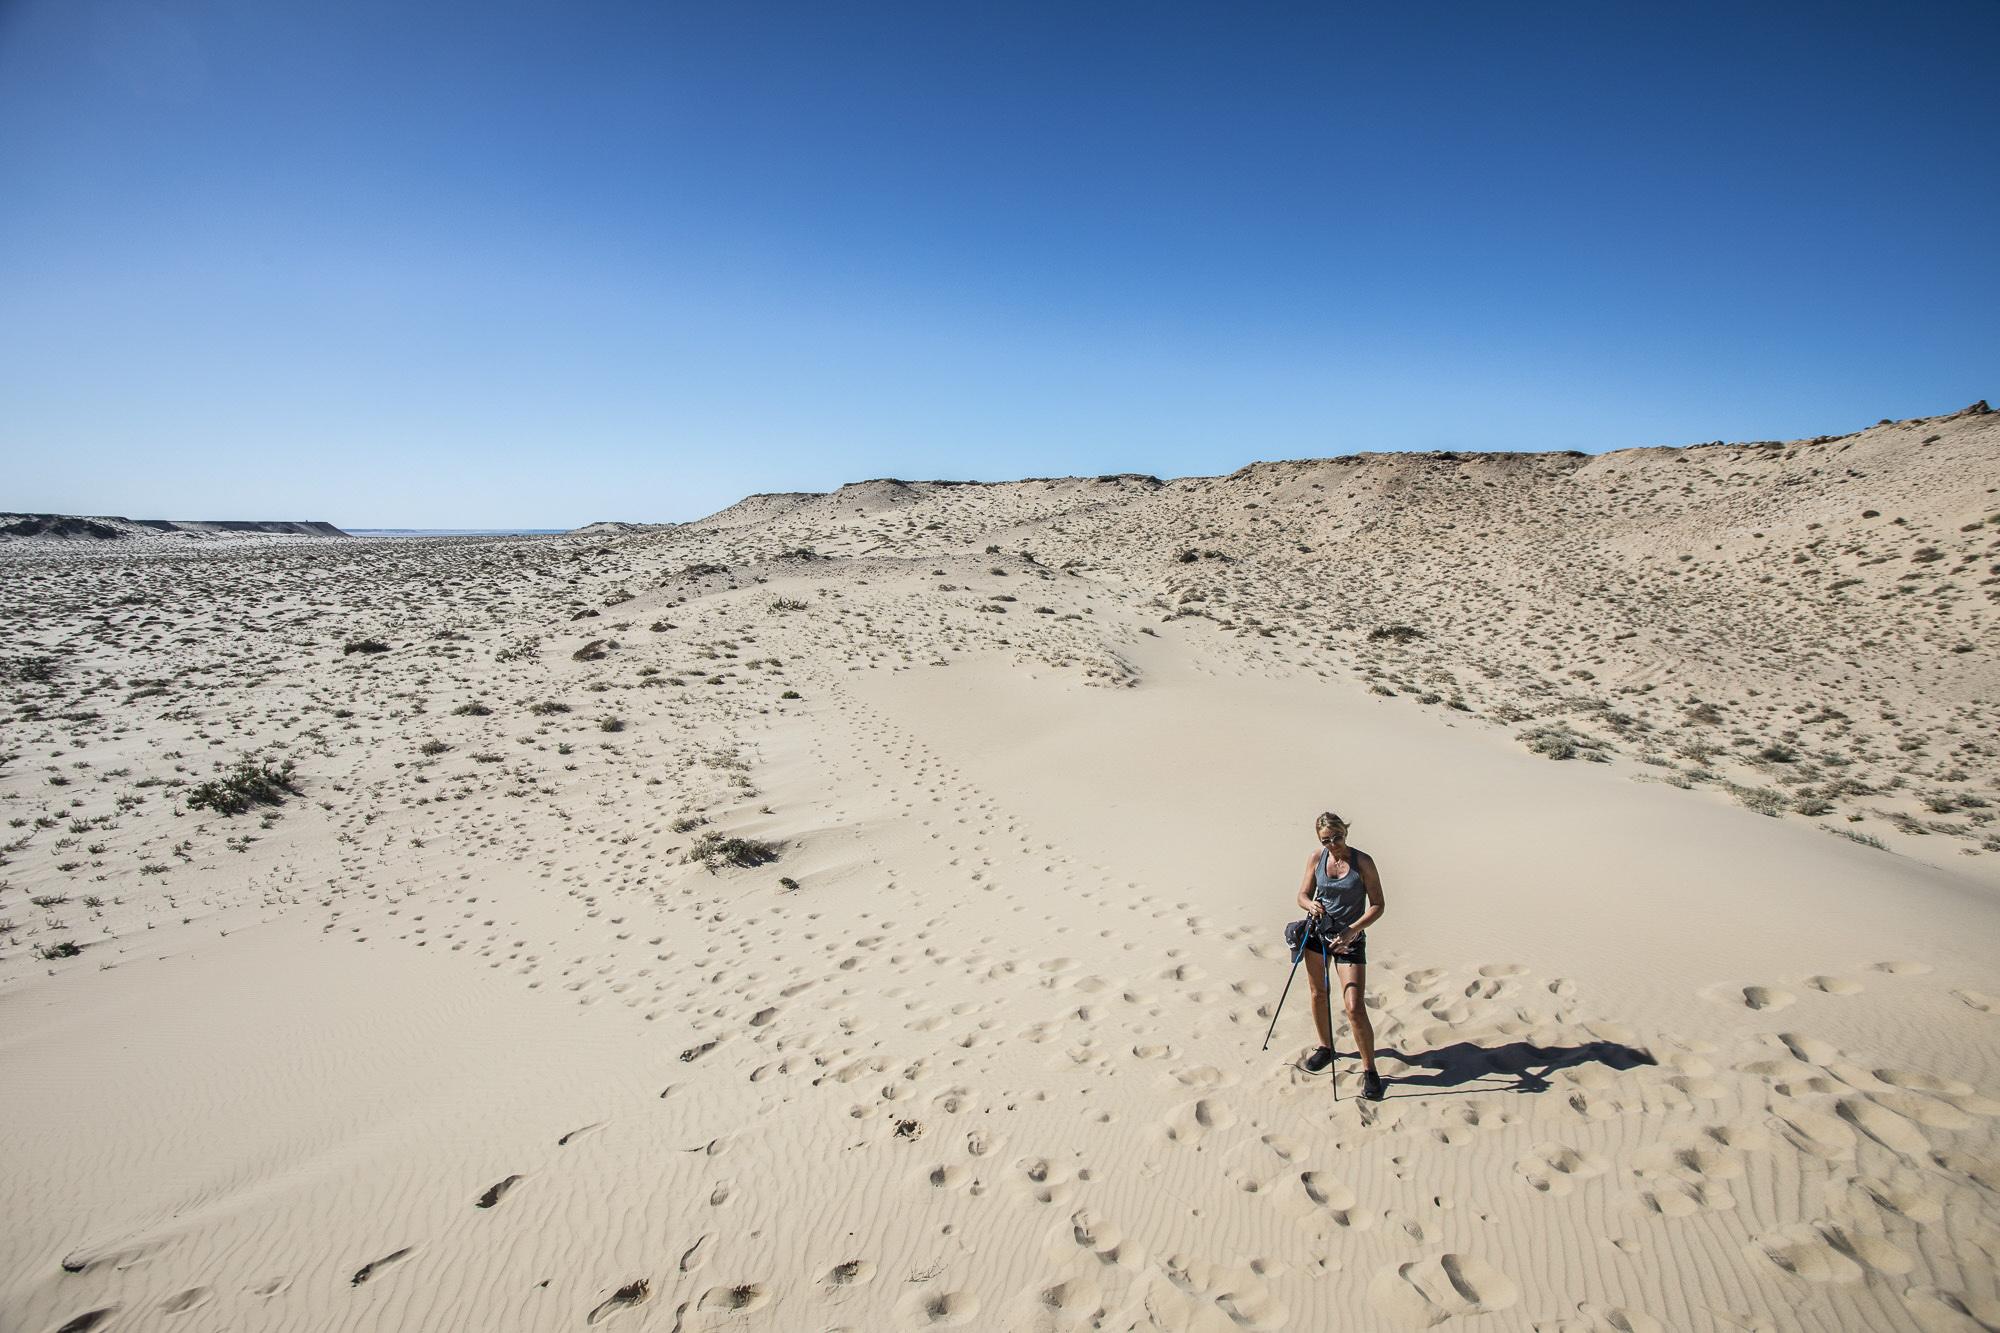 Le Palais Rhoul Dakhla | hotel spa | Marche Nordique désert